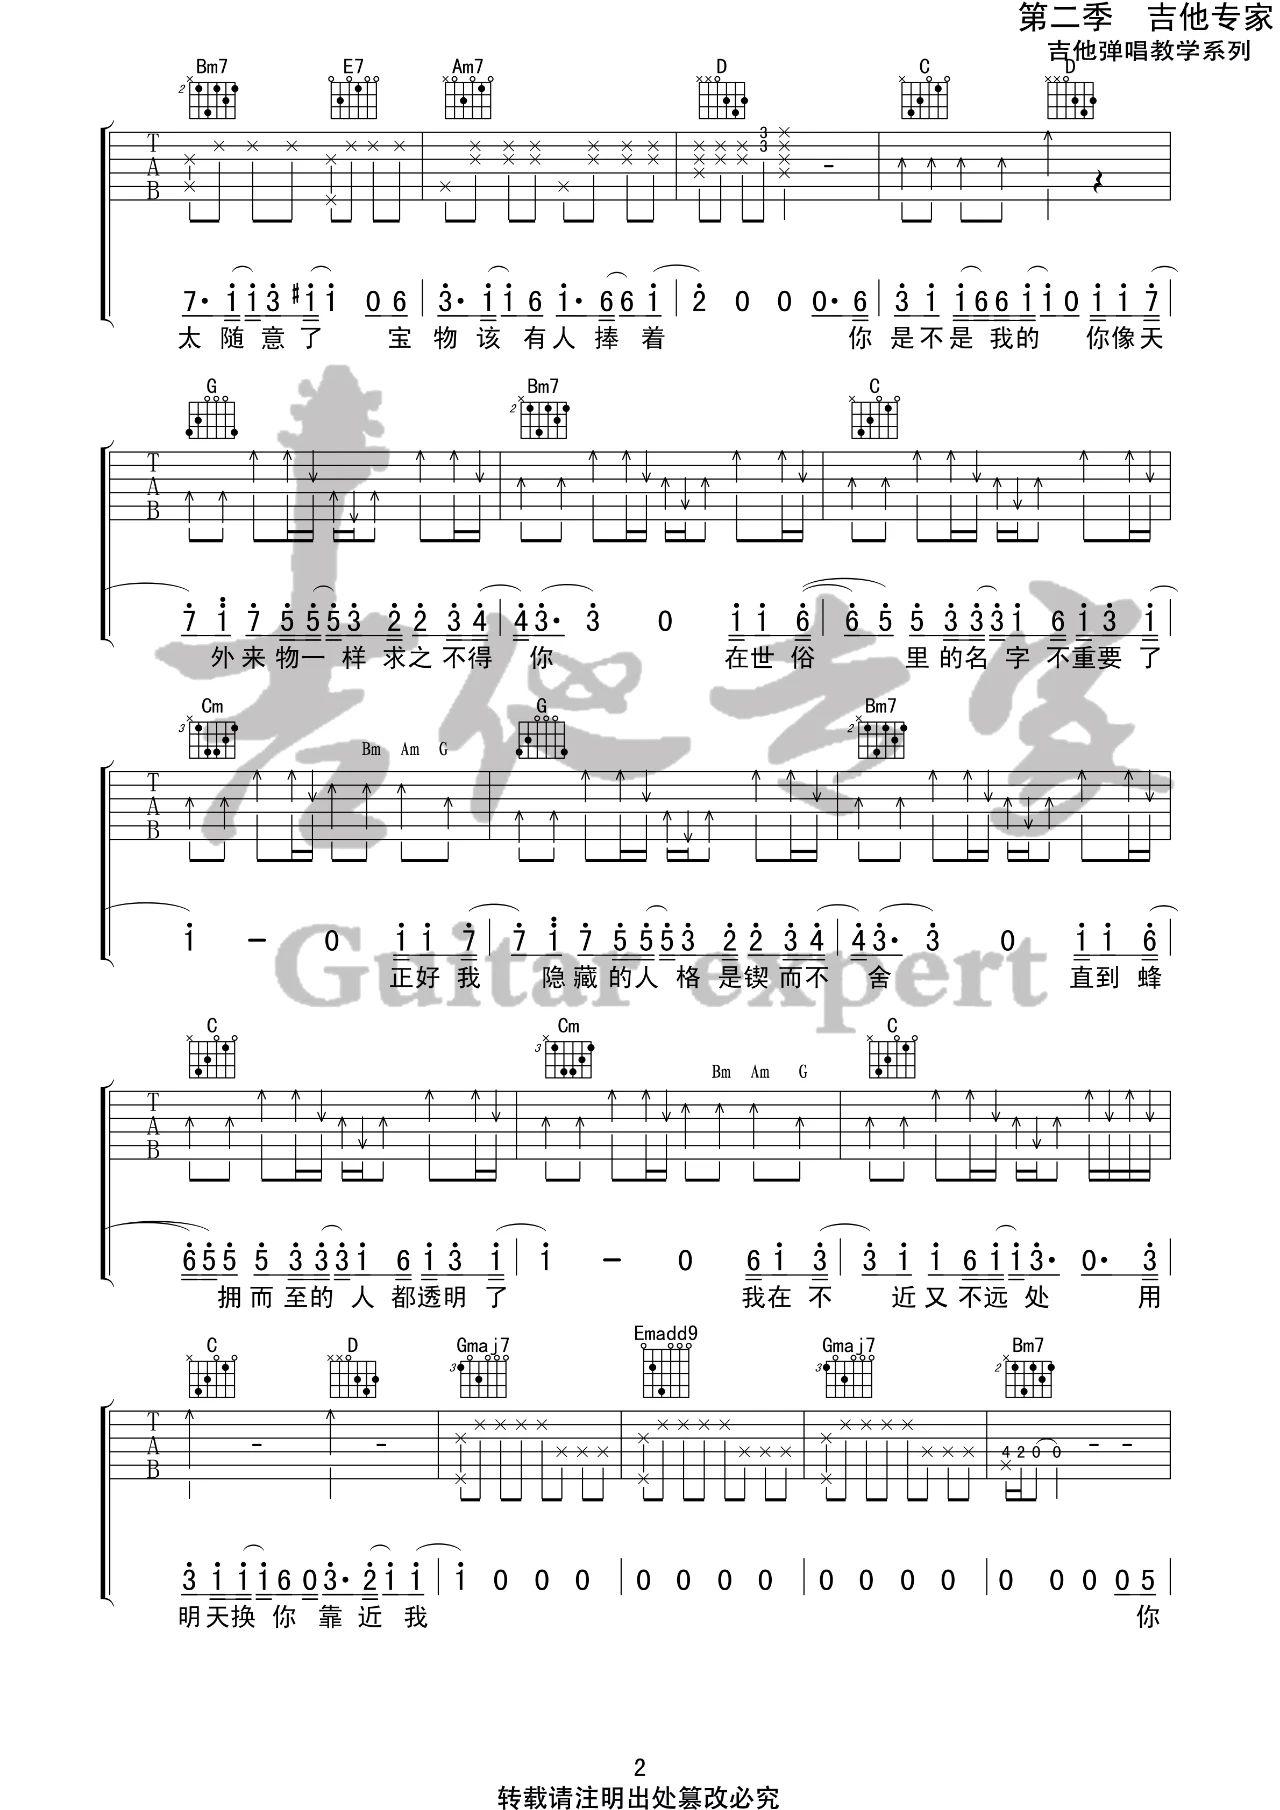 吉他派天外来物吉他谱-2